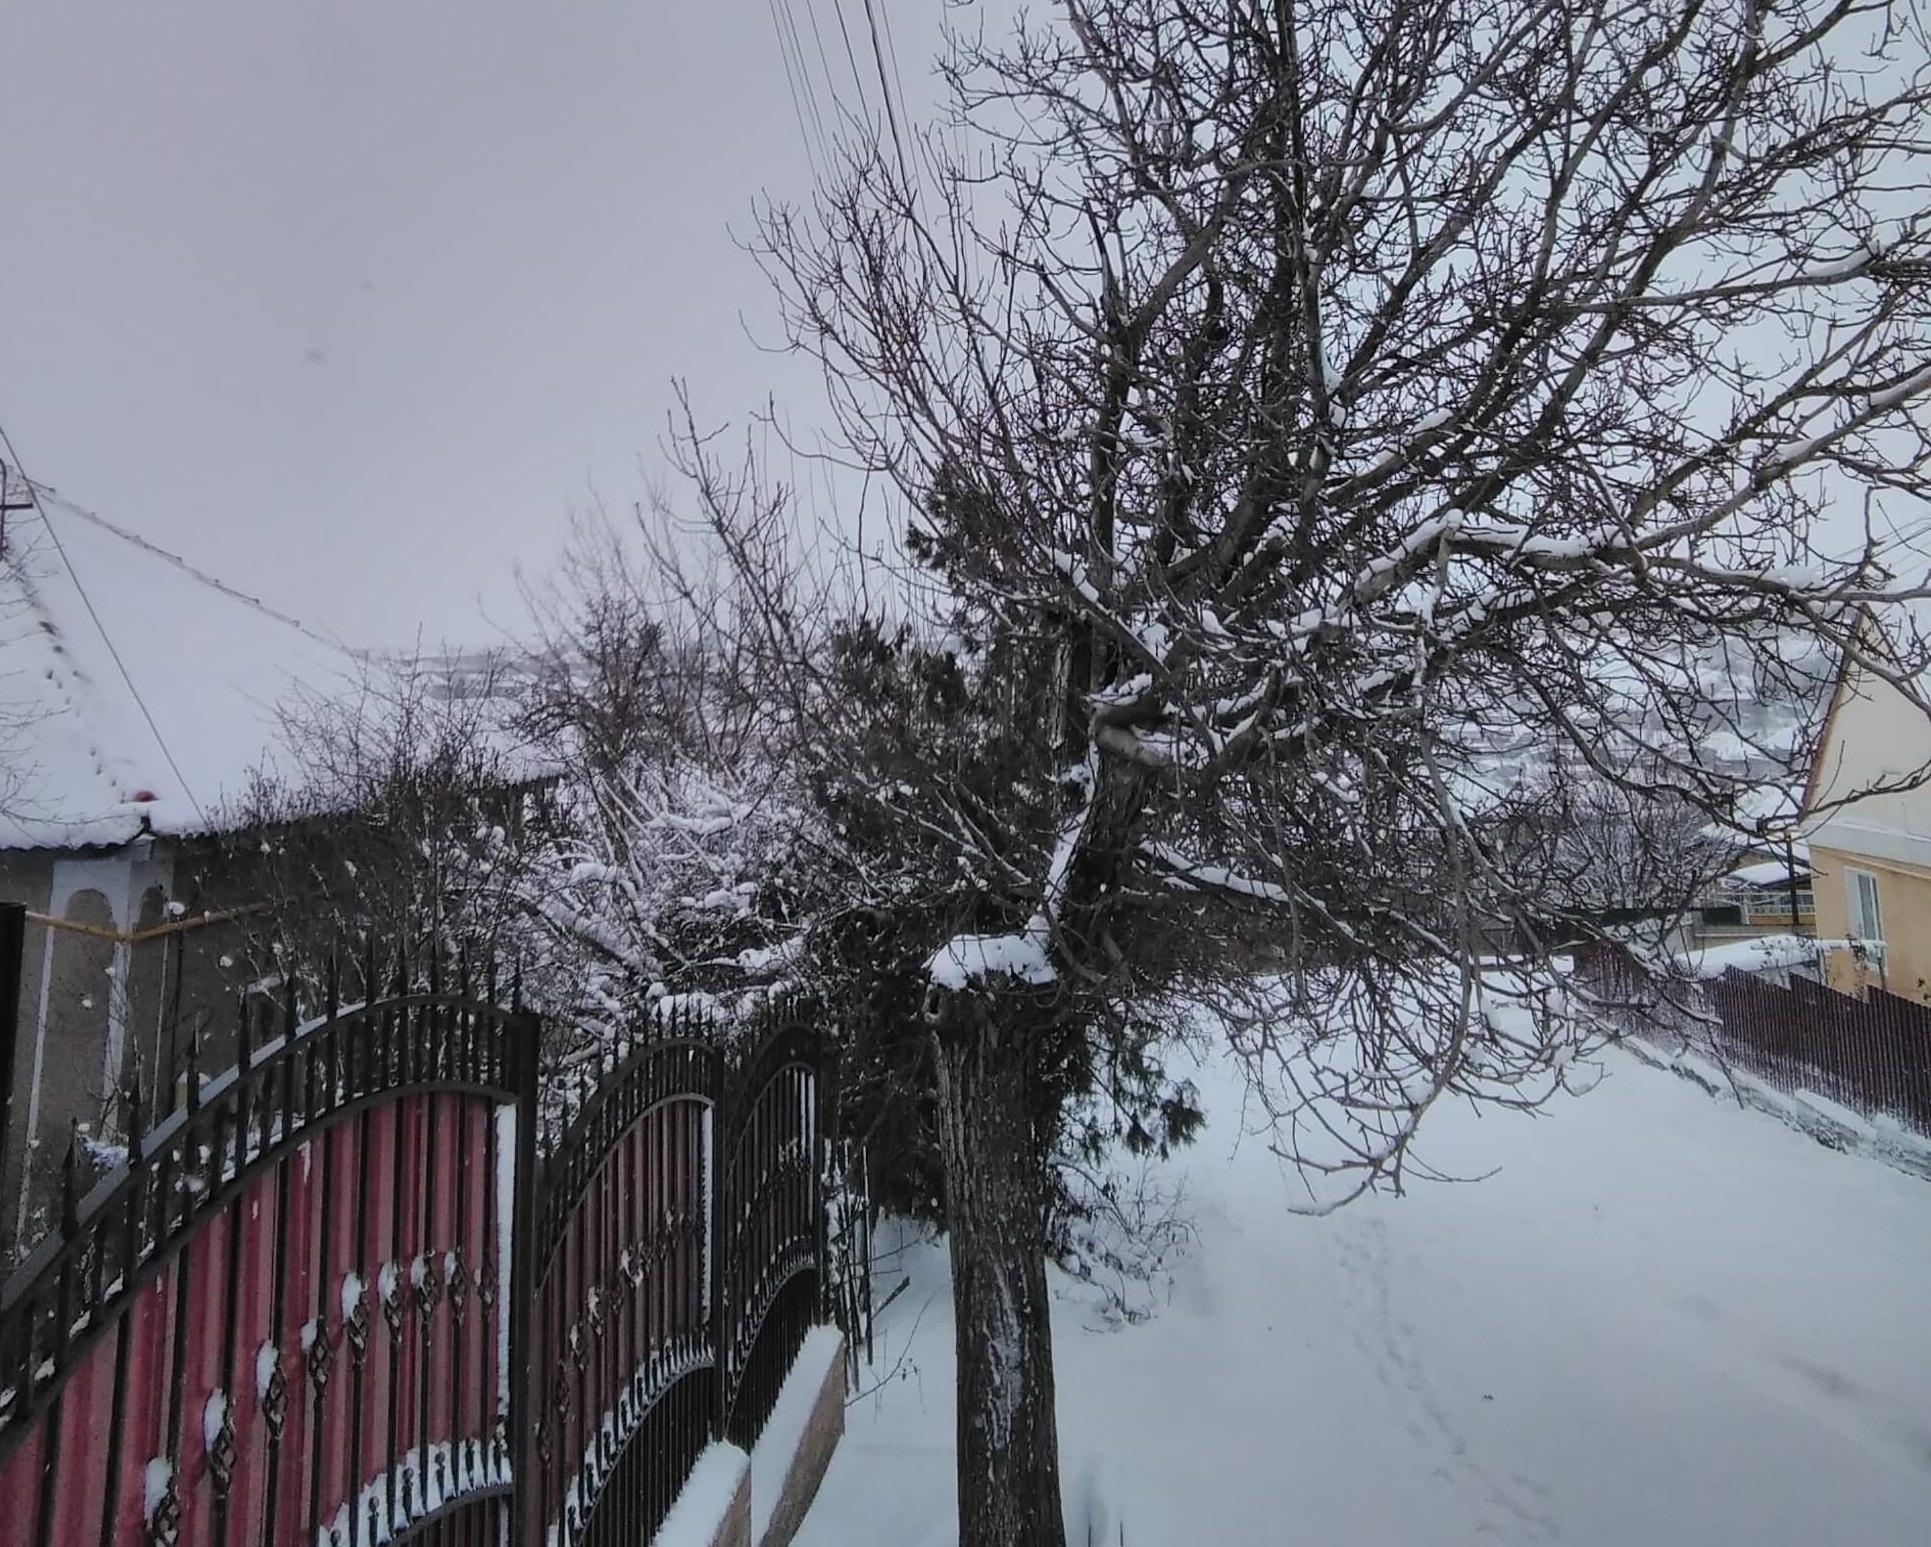 Более 20 населённых пунктов остались без света из-за снегопада